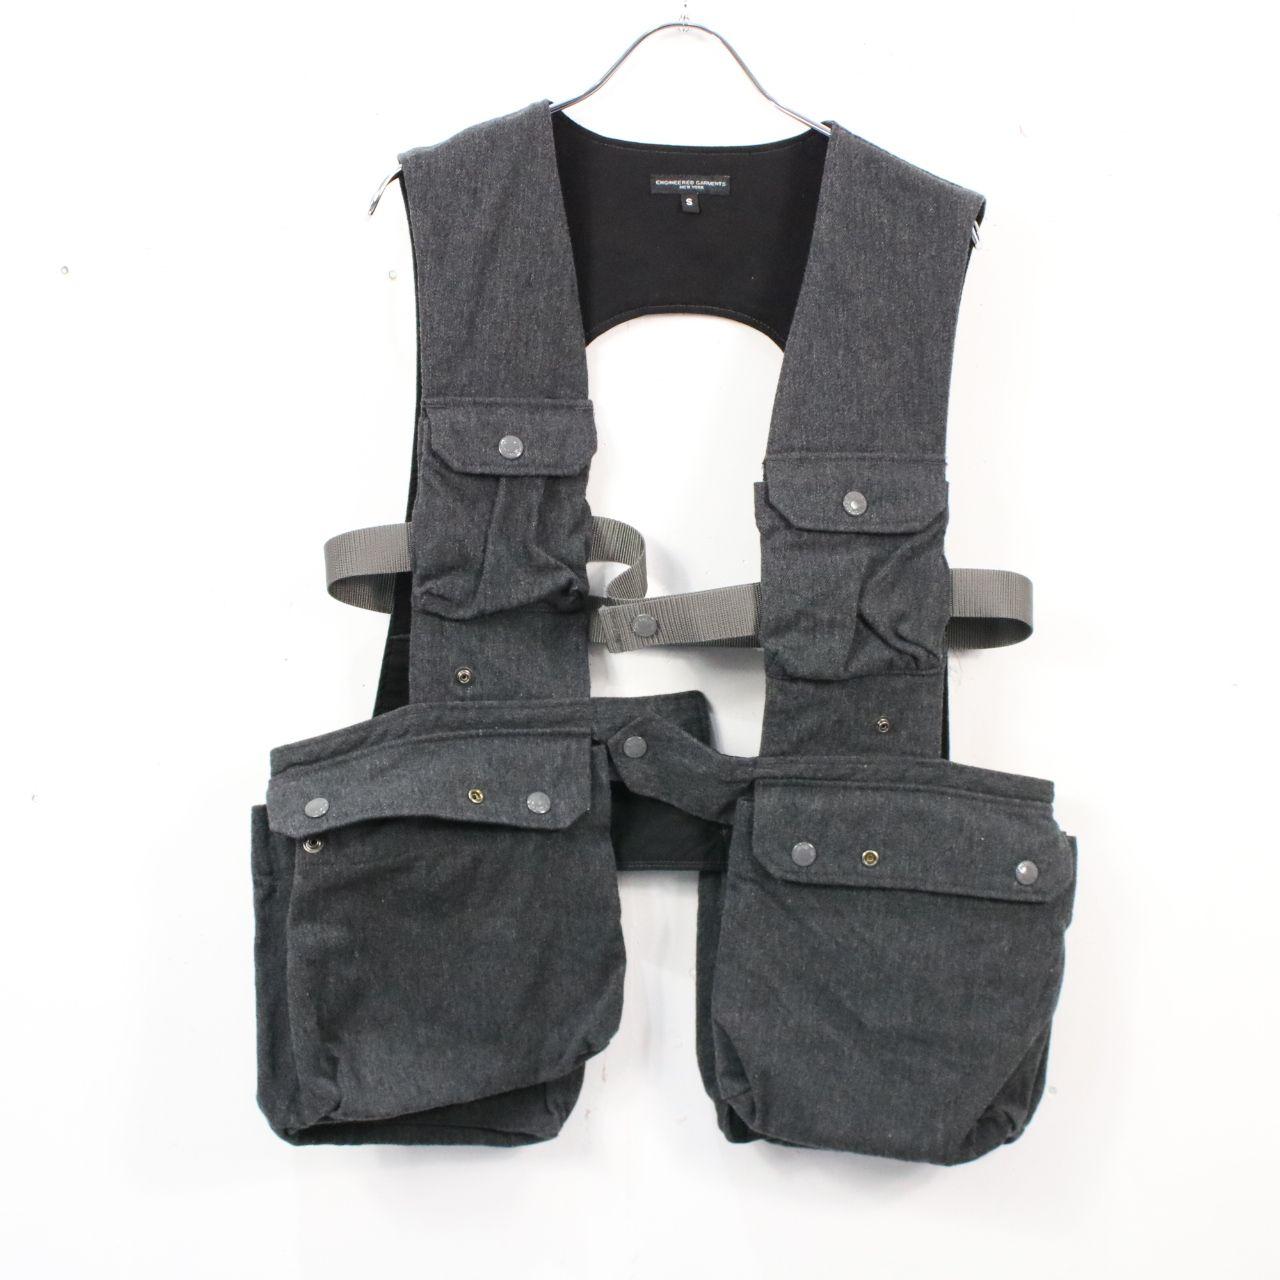 【美品】Engineered Garments / エンジニアドガーメンツ   shooting vest-wool serge- ウールシューティングベスト   S   グレー